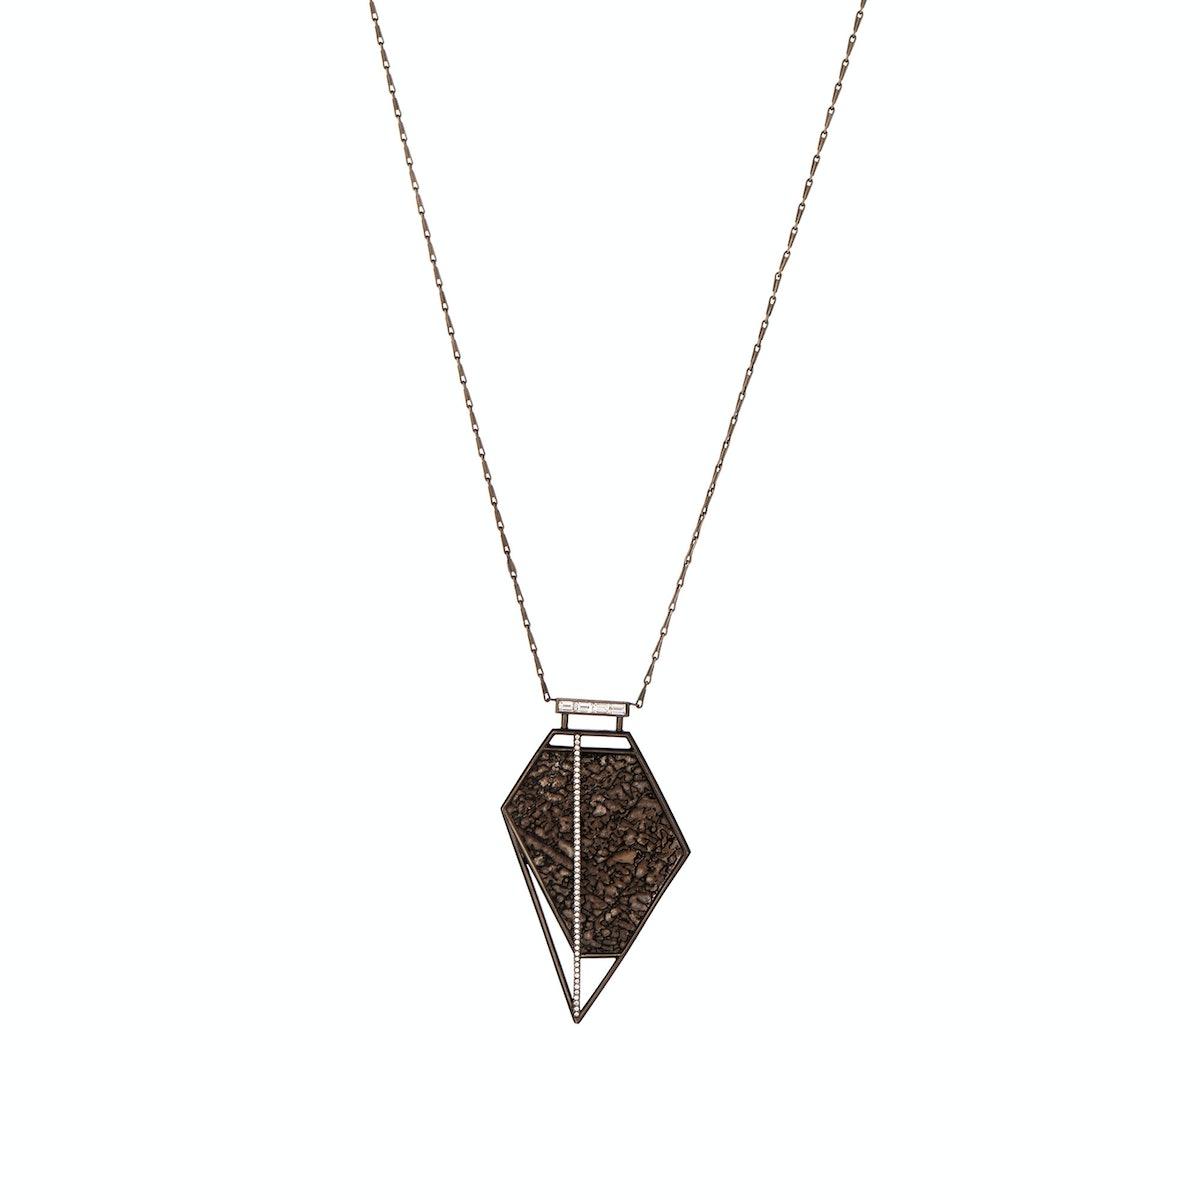 Monique Pean necklace